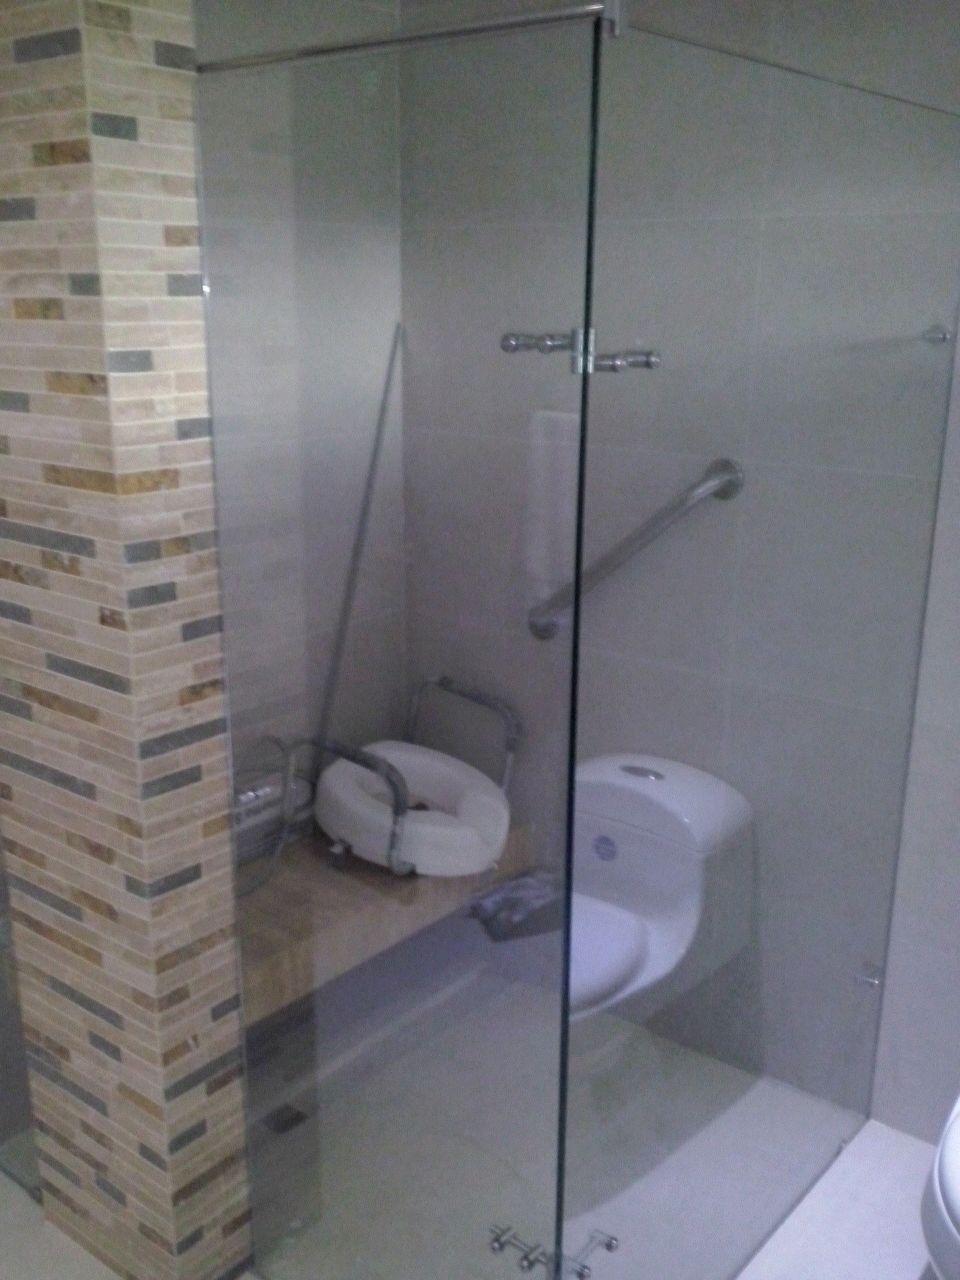 Division de baño batiente en vidrio